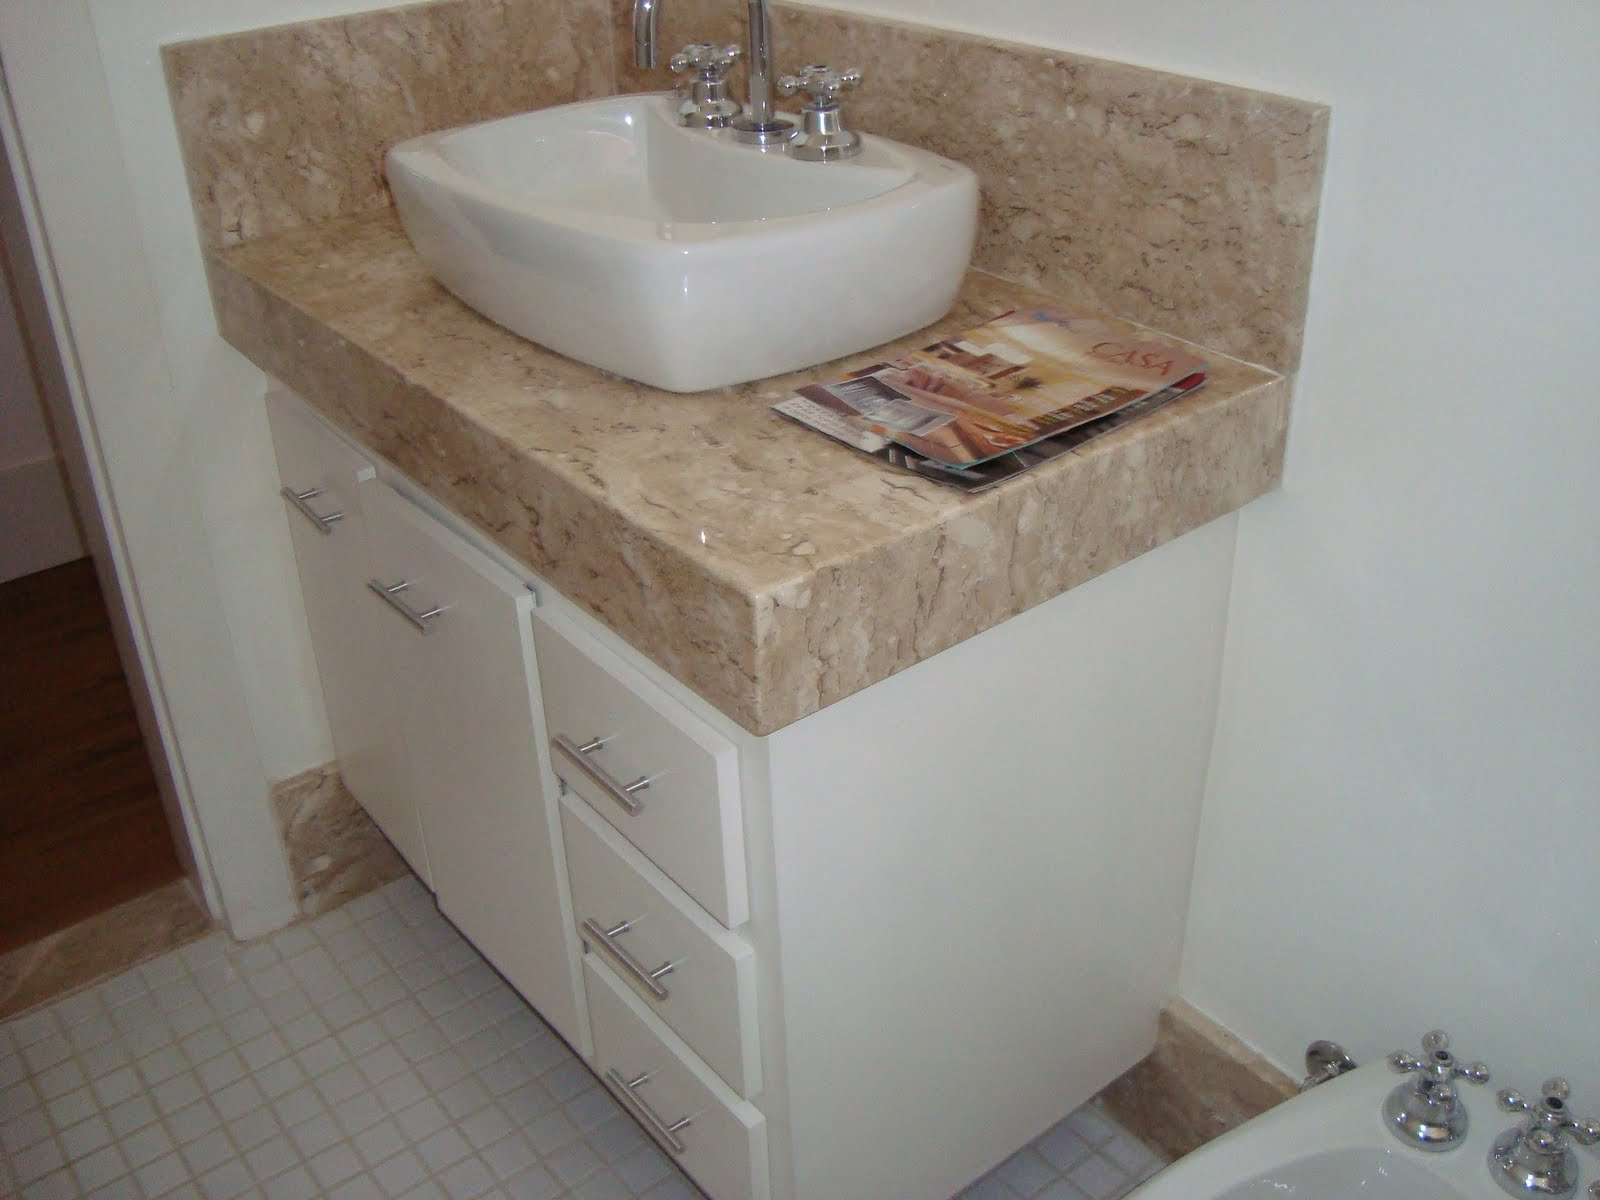 Bancada de banheiro em mármore travertino com acabamento 45° de 0  #3B2820 1600x1200 Bancada De Banheiro Em Granito Branco